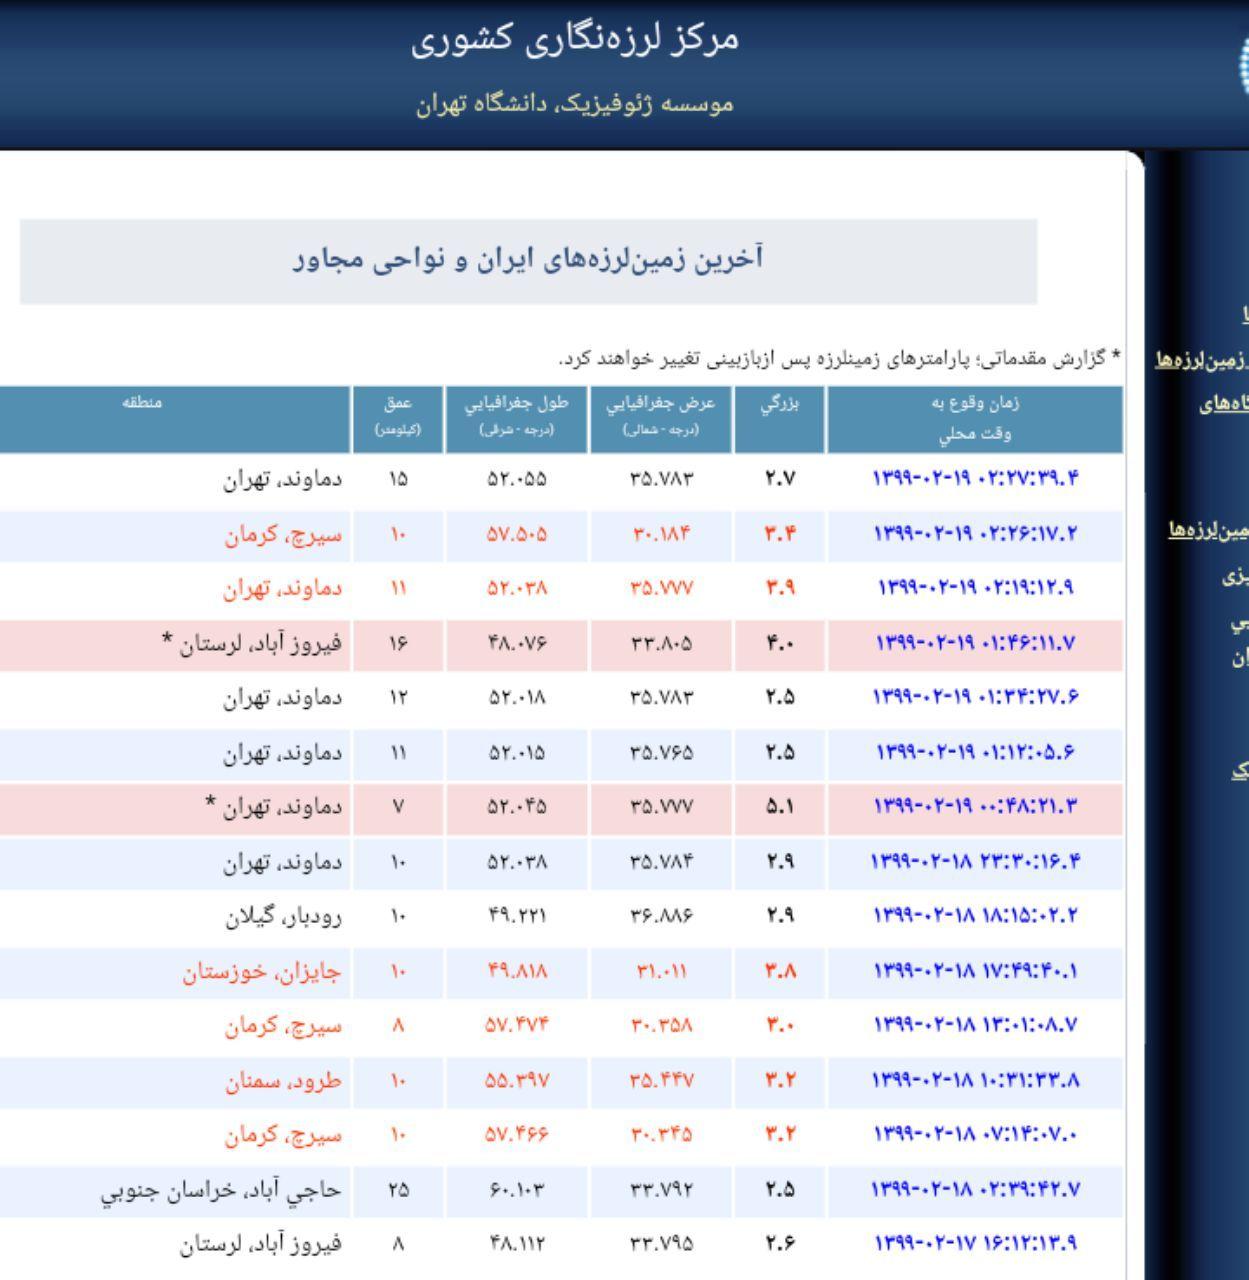 زلزله کرمان امشب